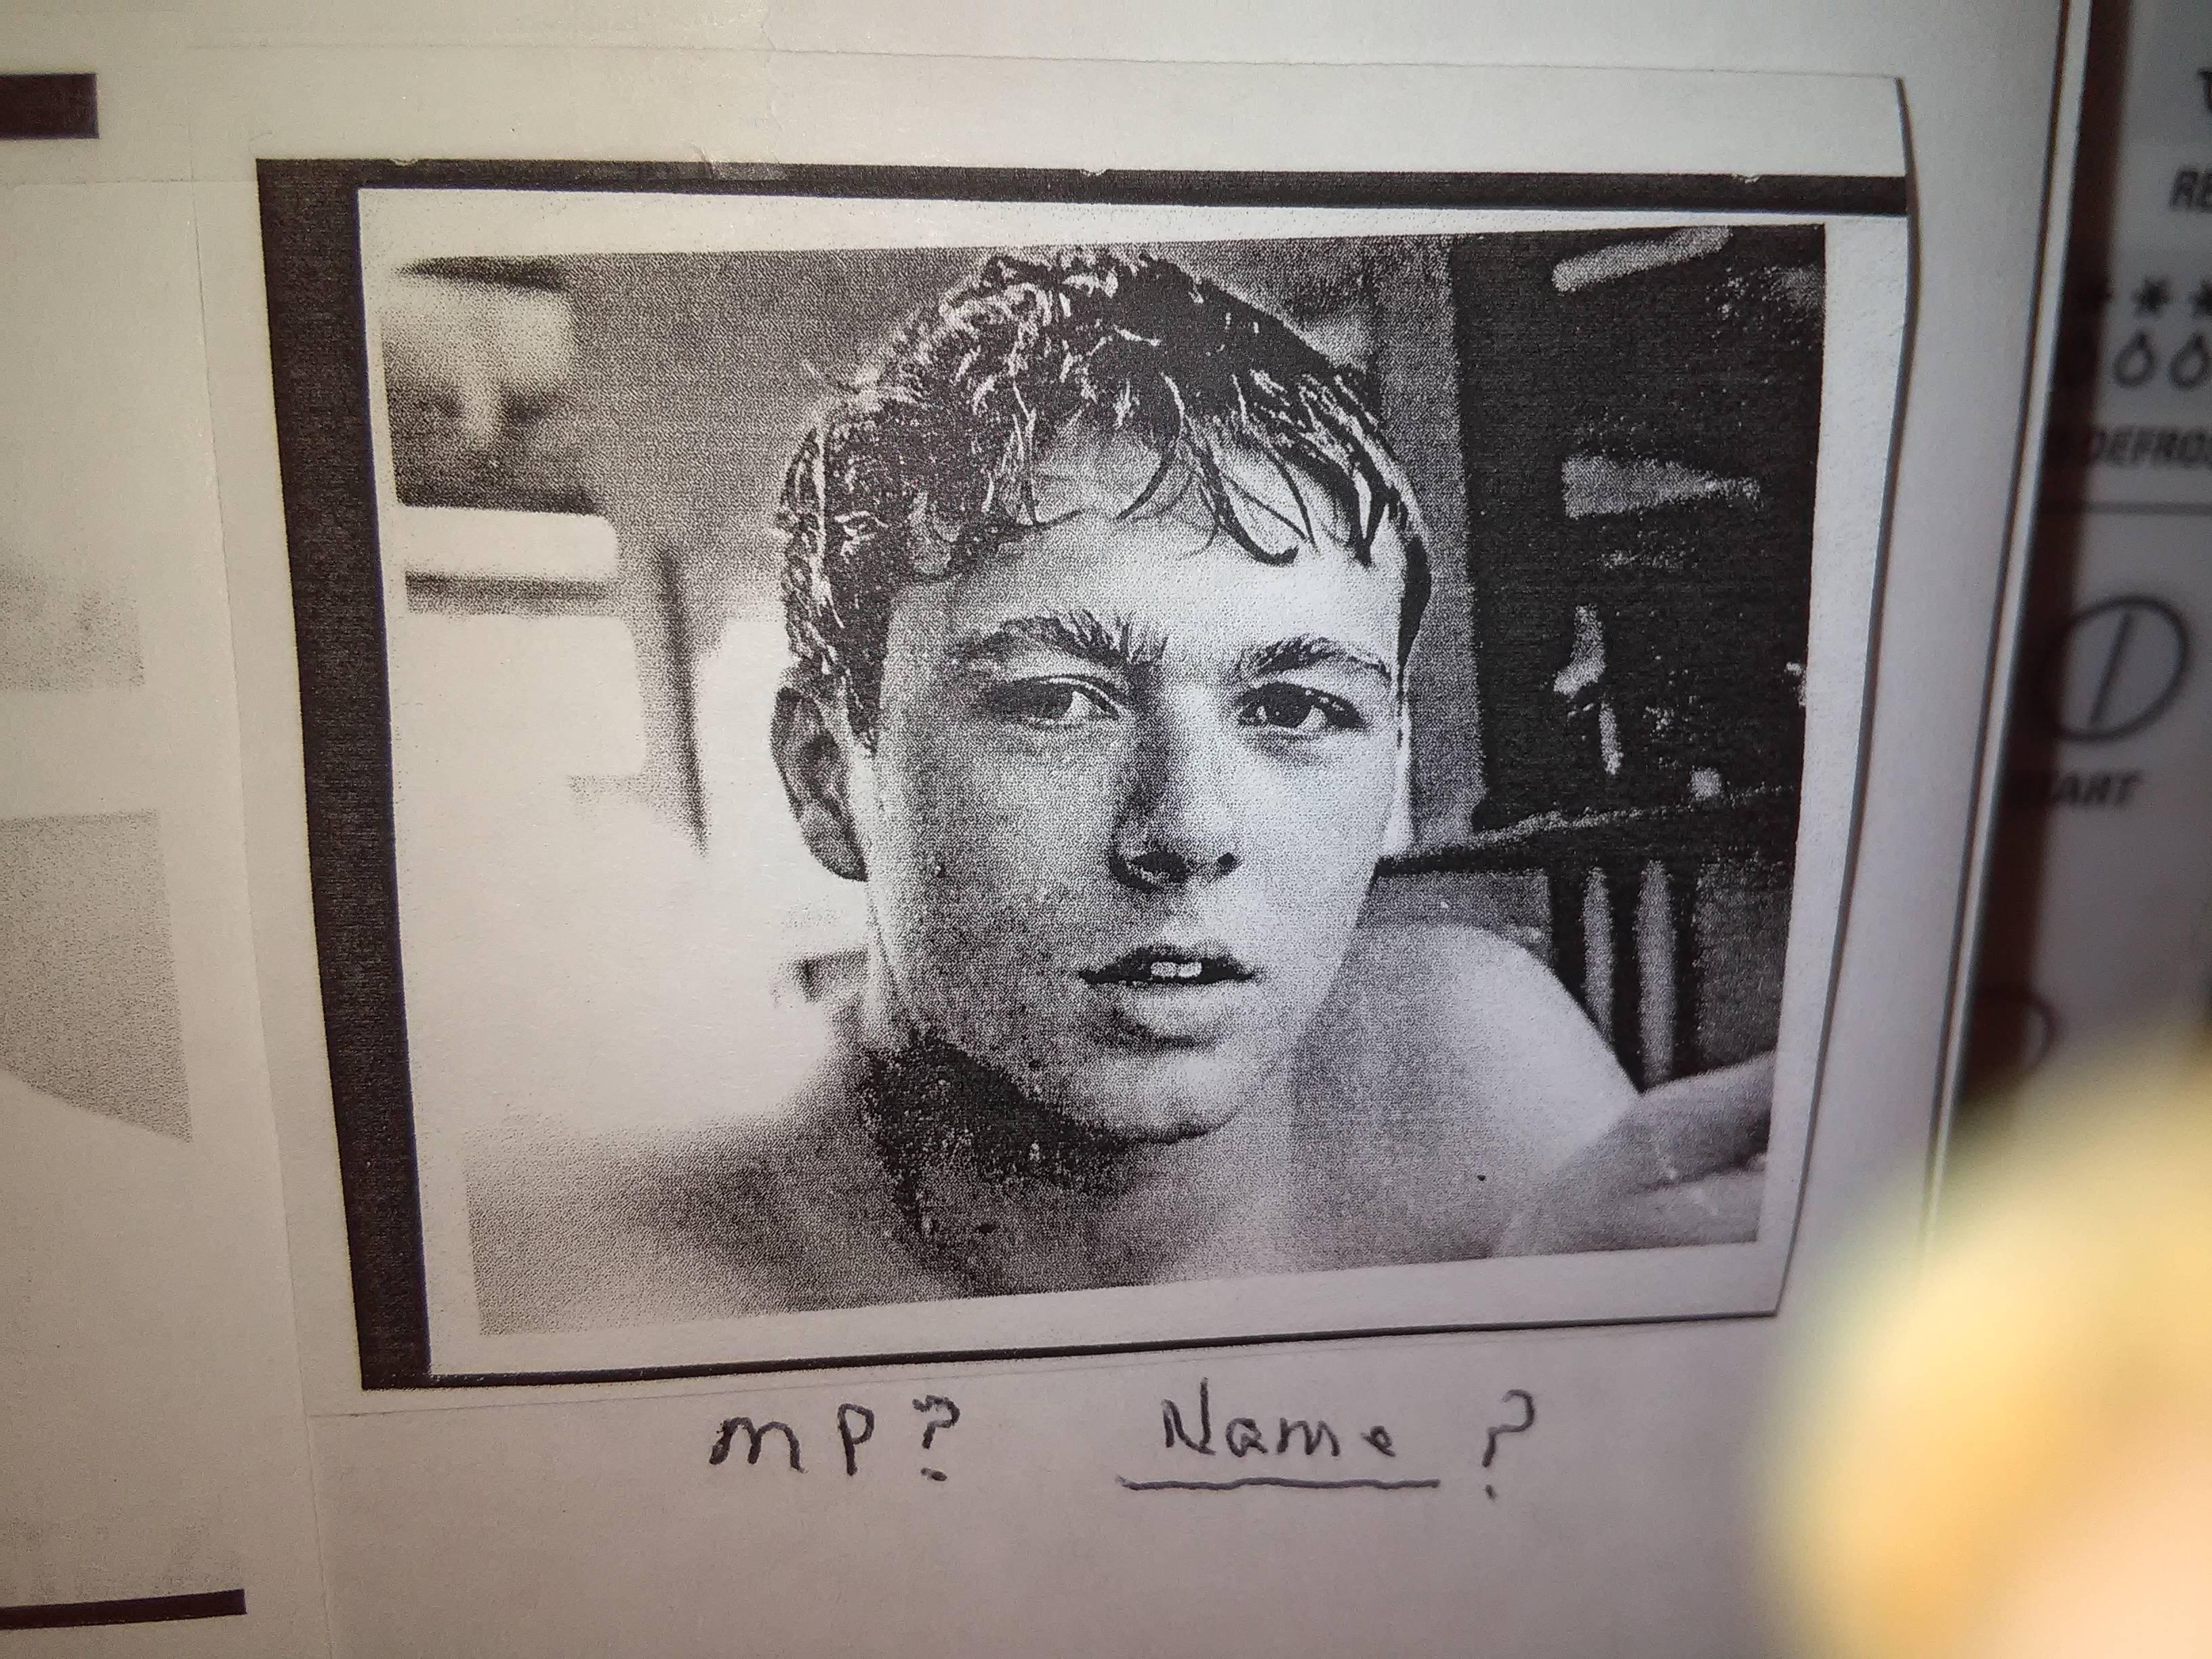 MP? Name?